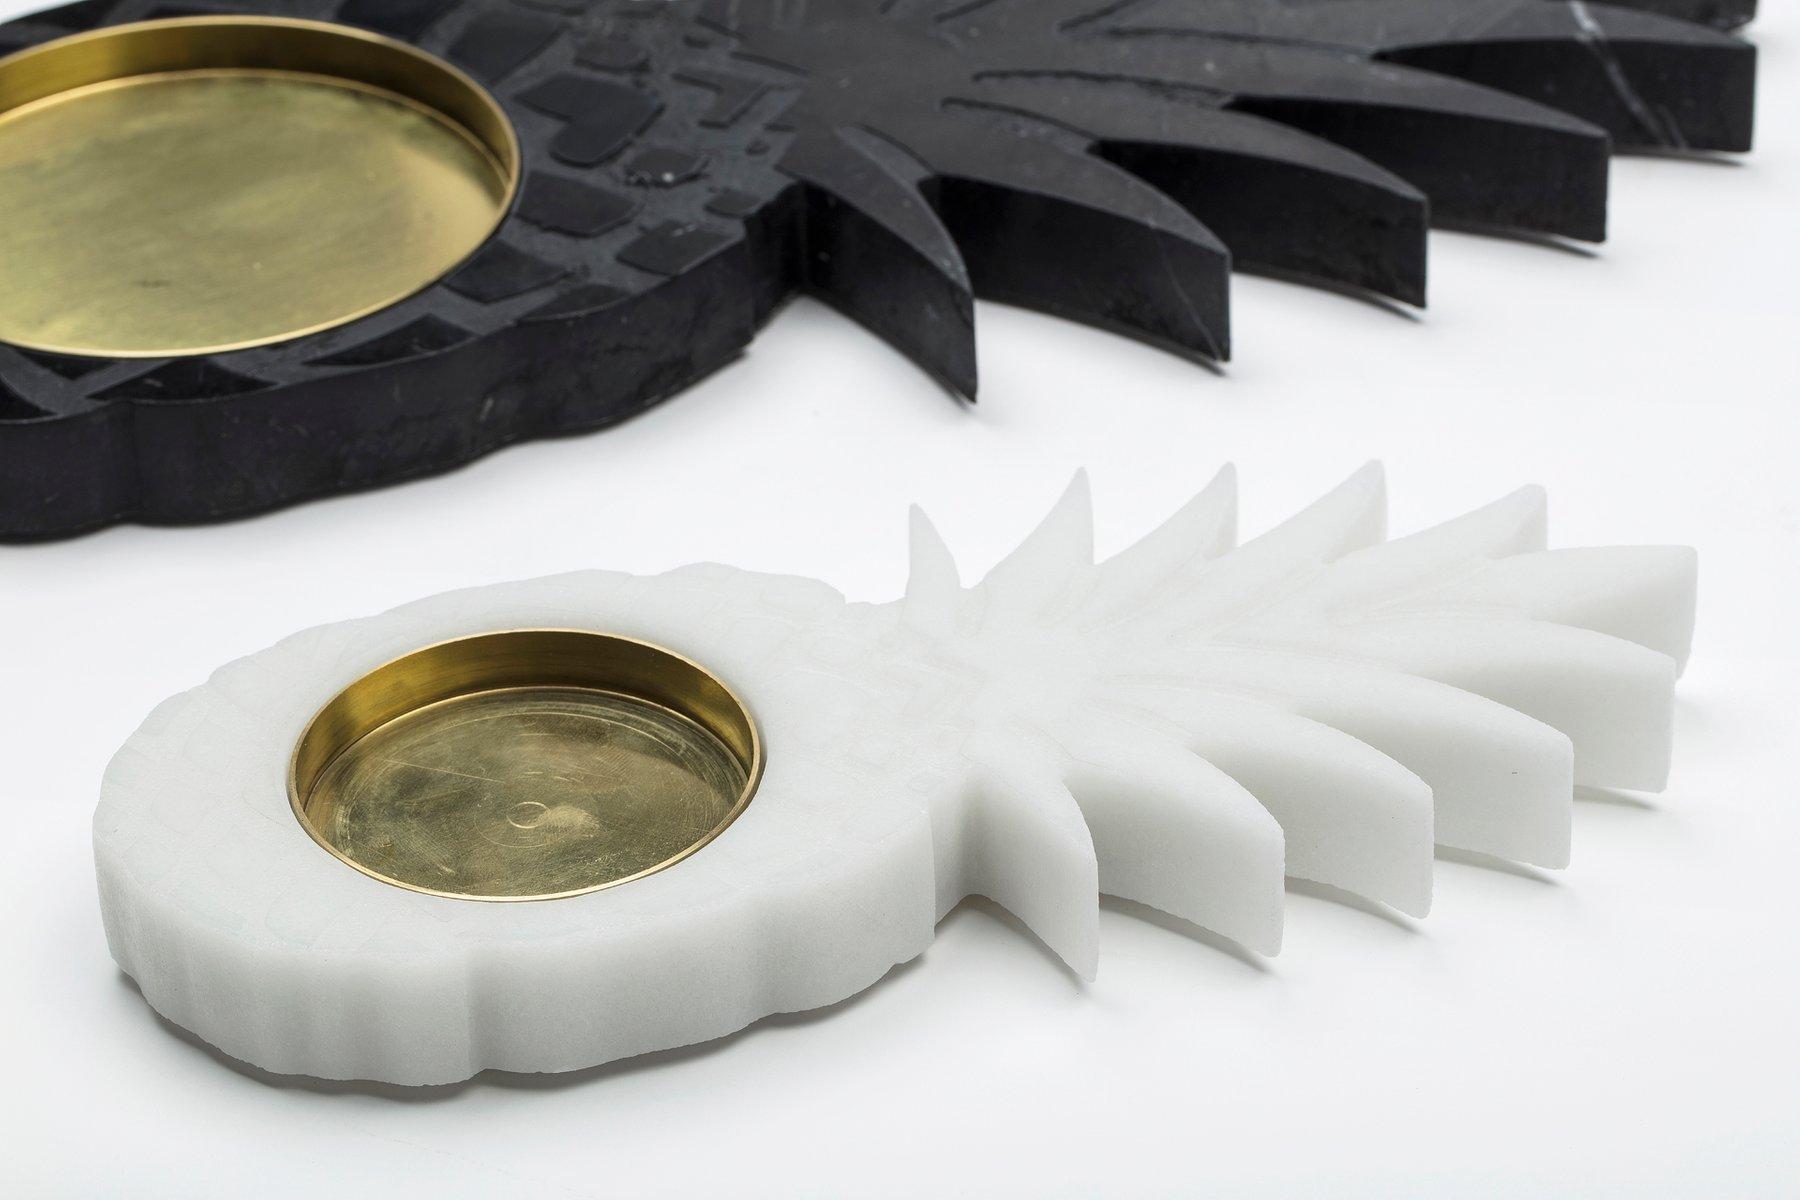 kleiner wei er ananas carrara marmor aschenbecher von carlotta turini f r fiammettav home. Black Bedroom Furniture Sets. Home Design Ideas